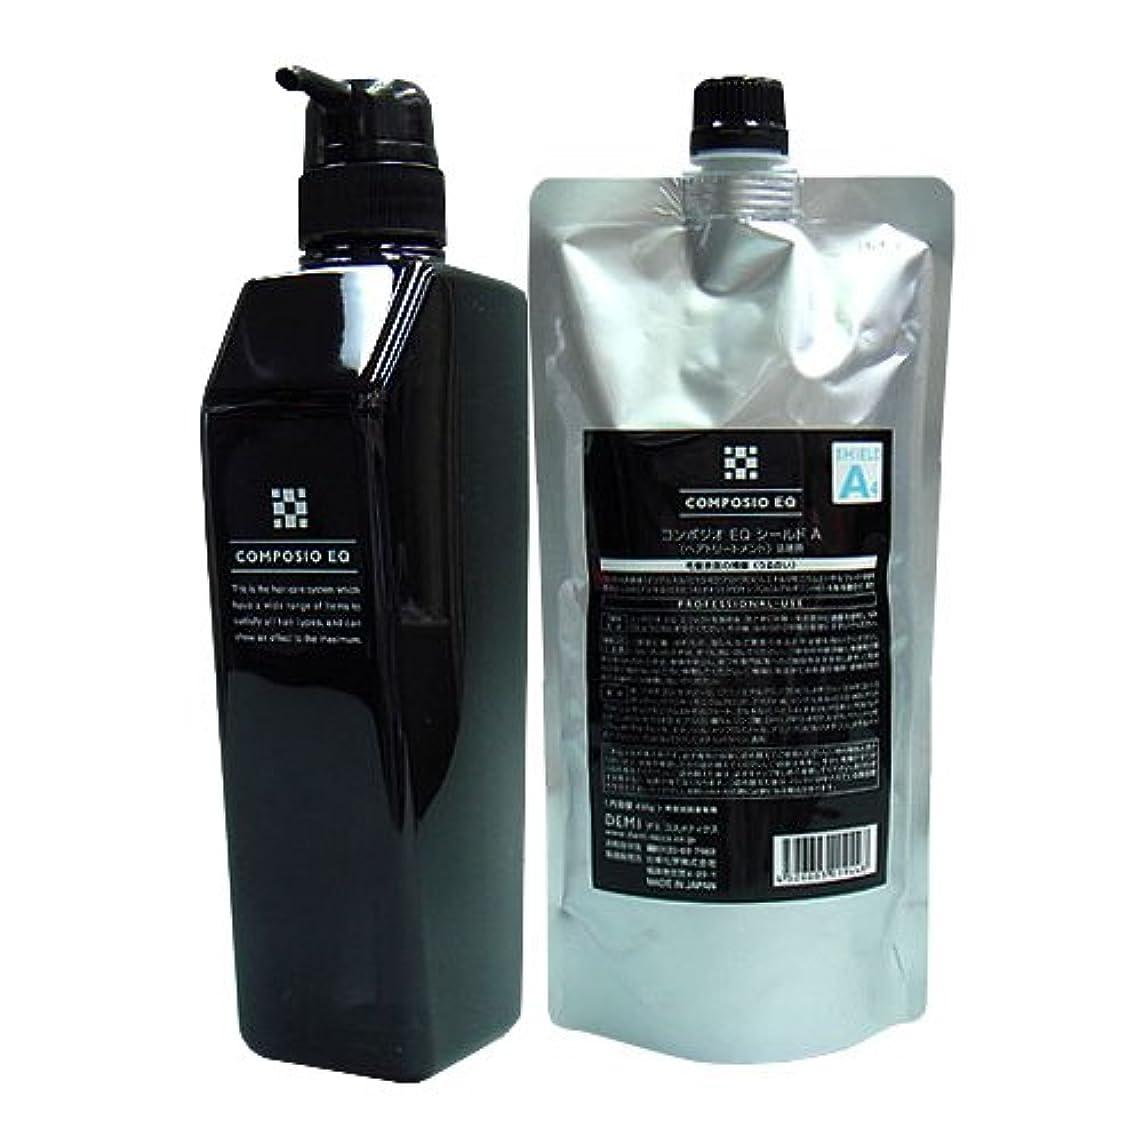 強風フィットネスリーダーシップデミ コンポジオ EQ シールド A 詰替え ボトルセット うるおいタイプ 450g